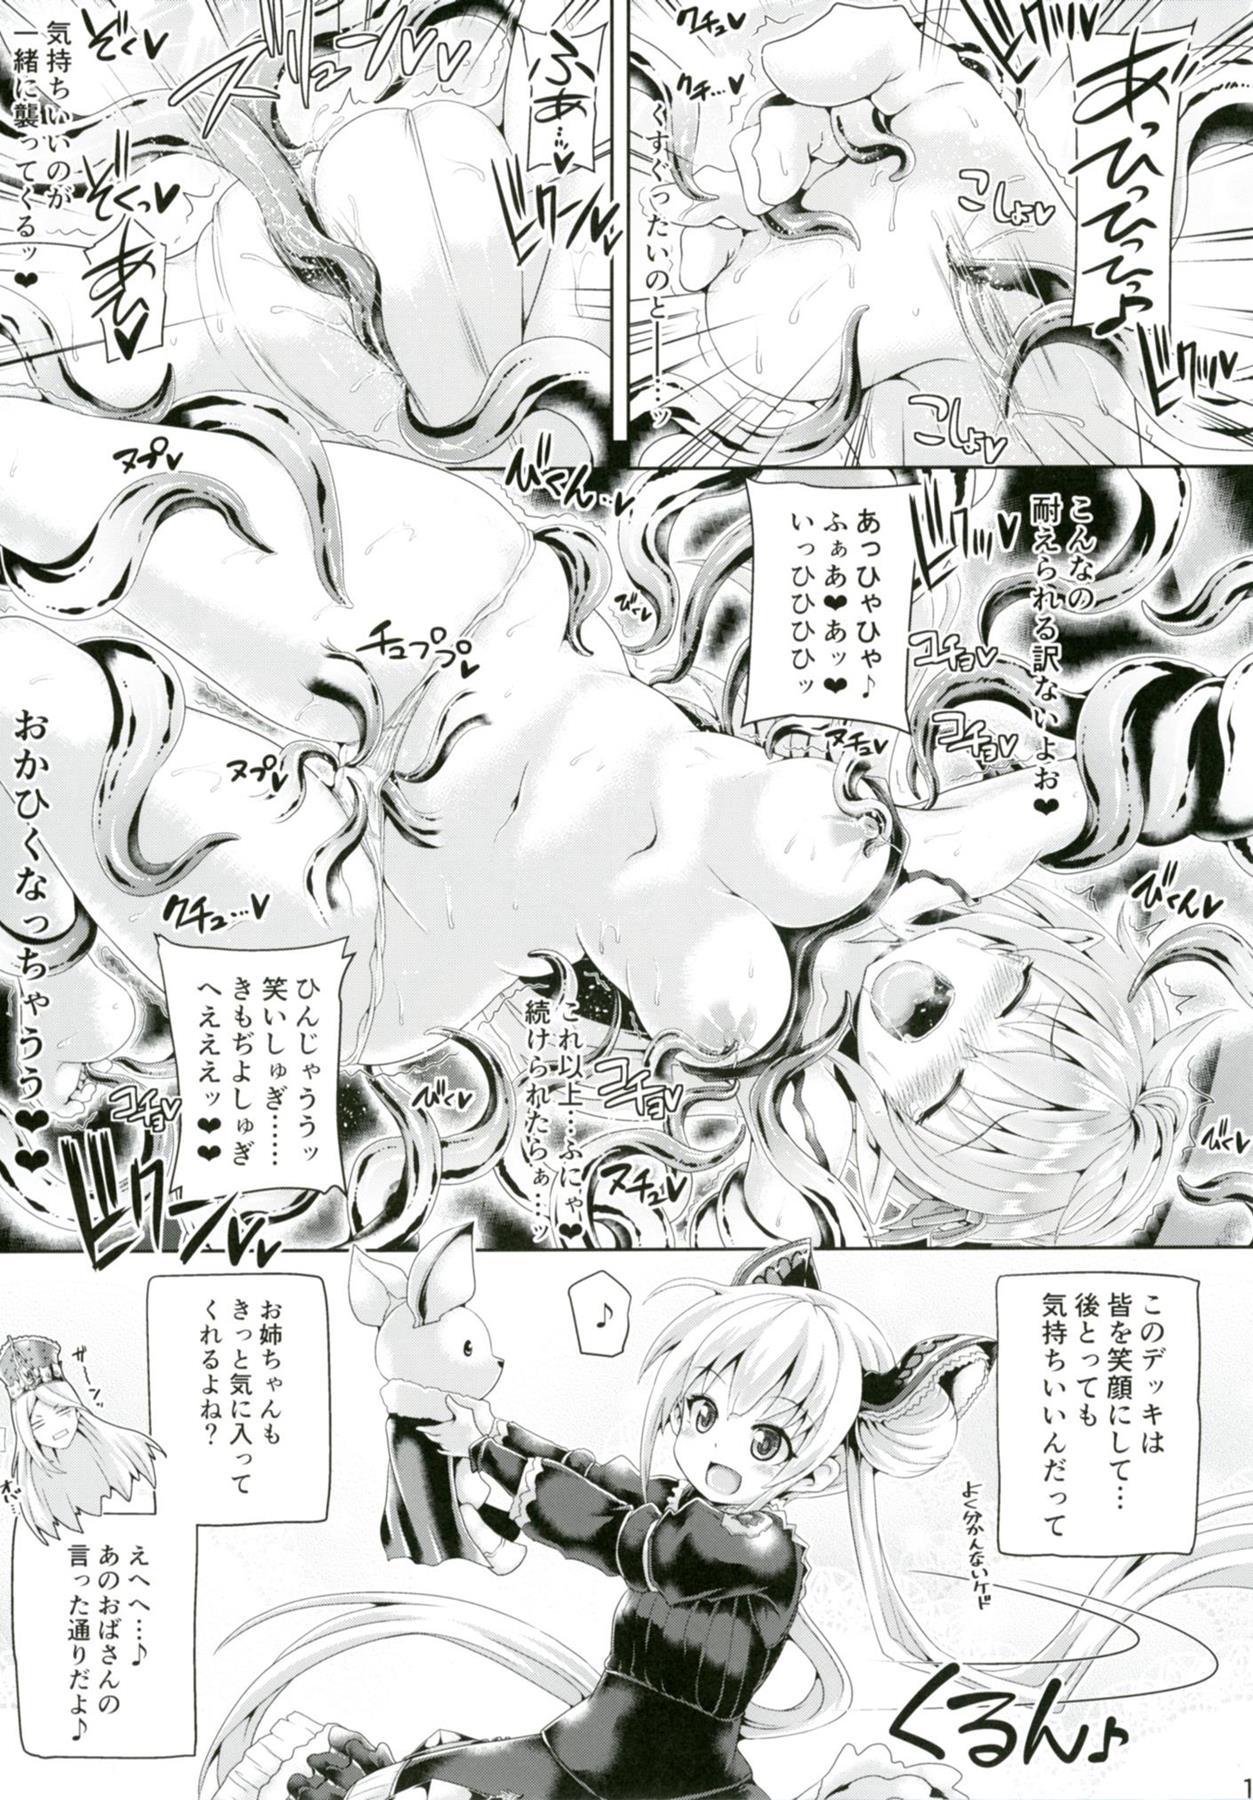 「アリサ」と遊びたい「ルナ」は「アリサ」を笑顔にするダメージのかわりにくすぐりを与えるカードを出してきて…【シャドバ エロ漫画・エロ同人】 (16)